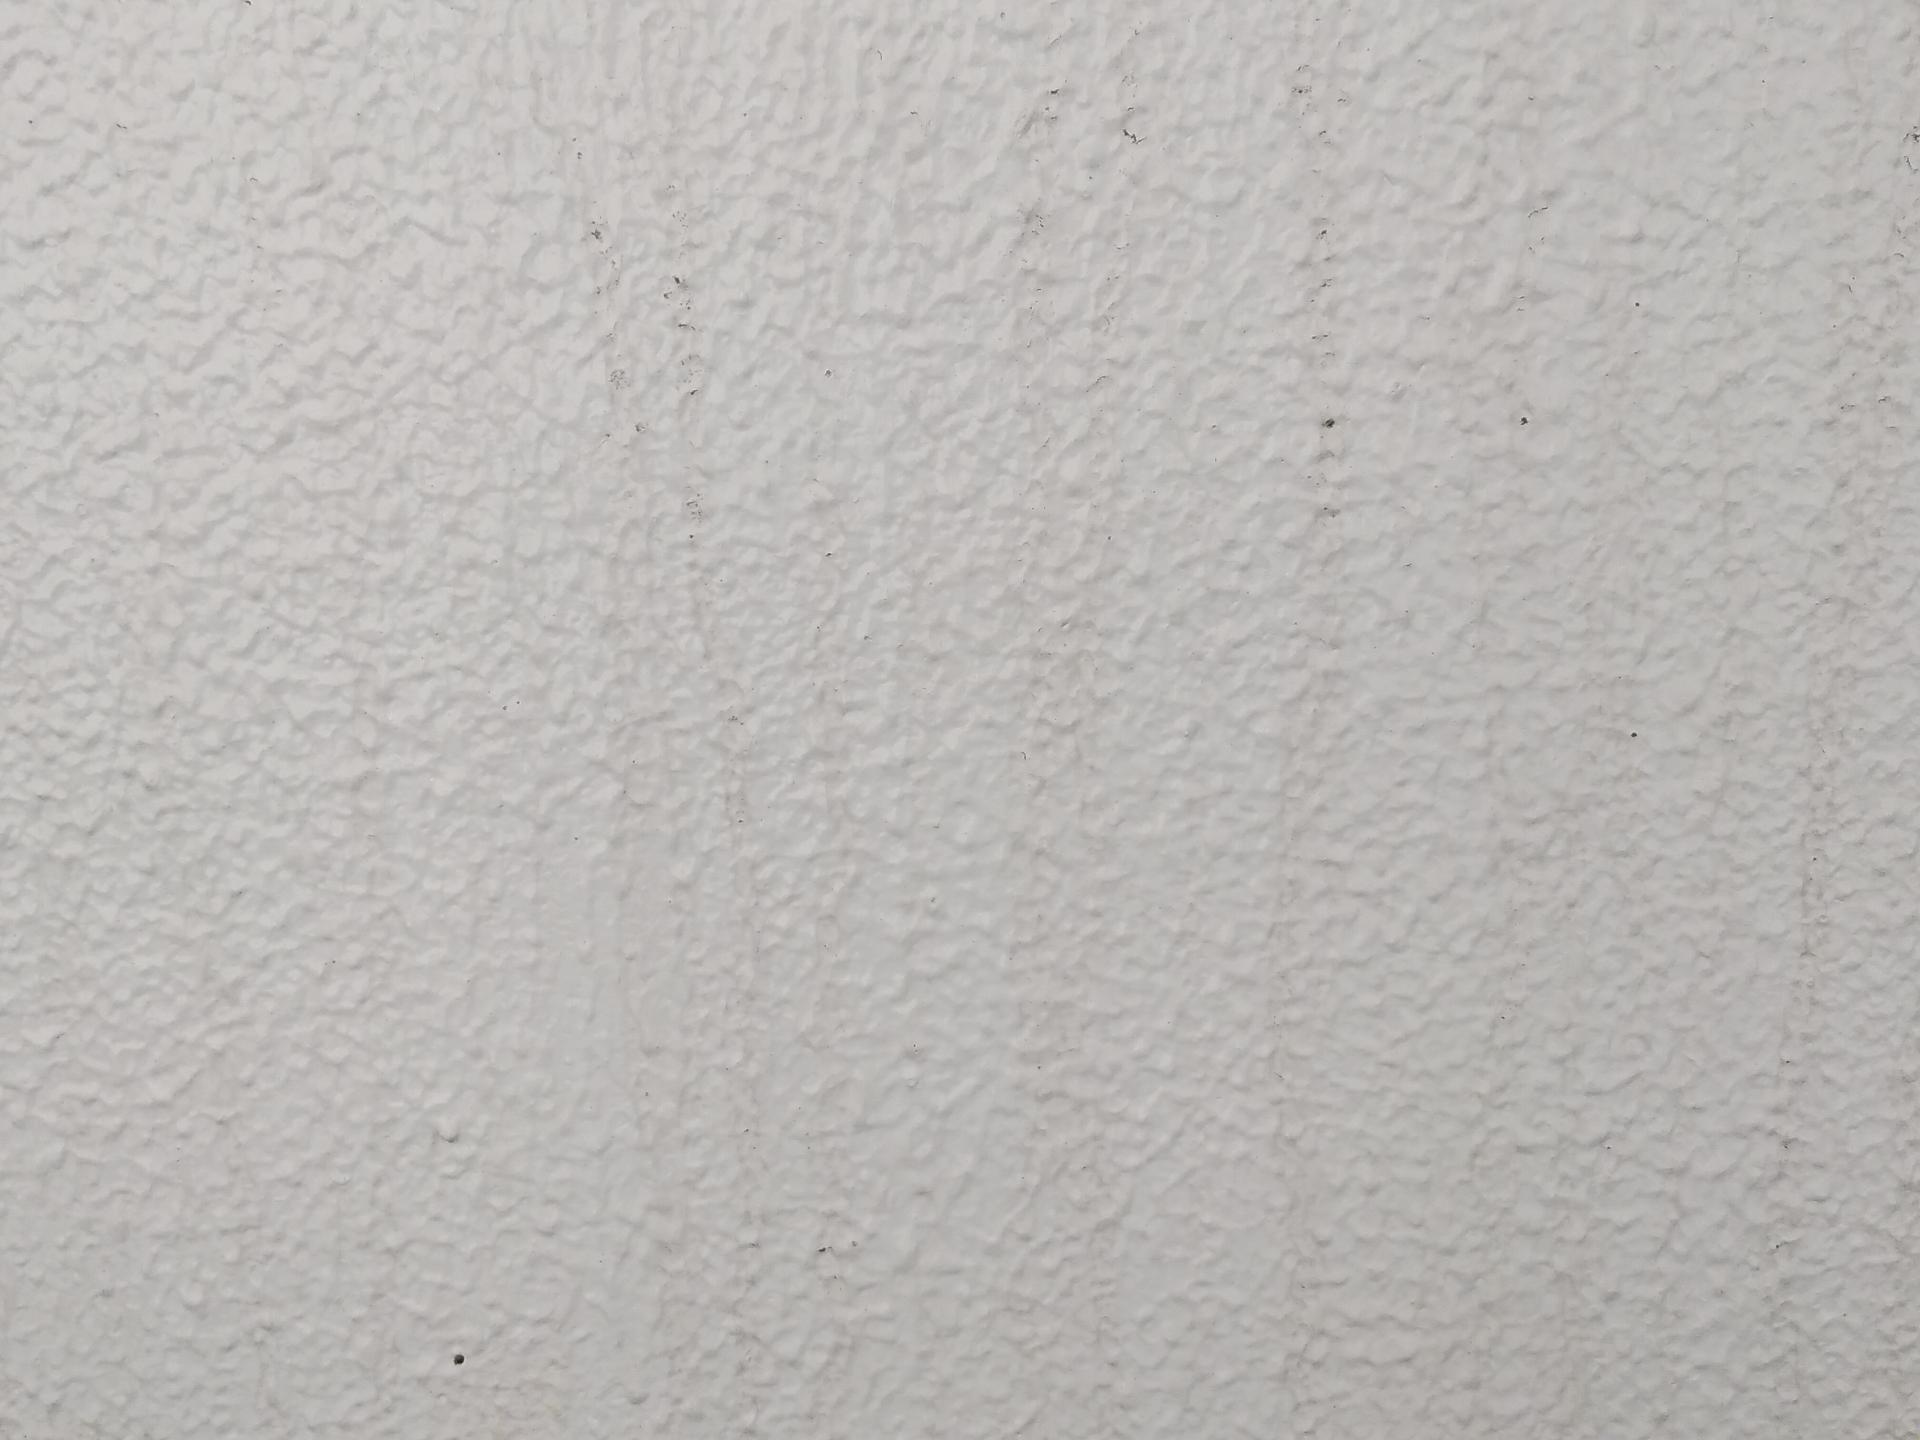 外壁の変色や色あせの原因と補修方法